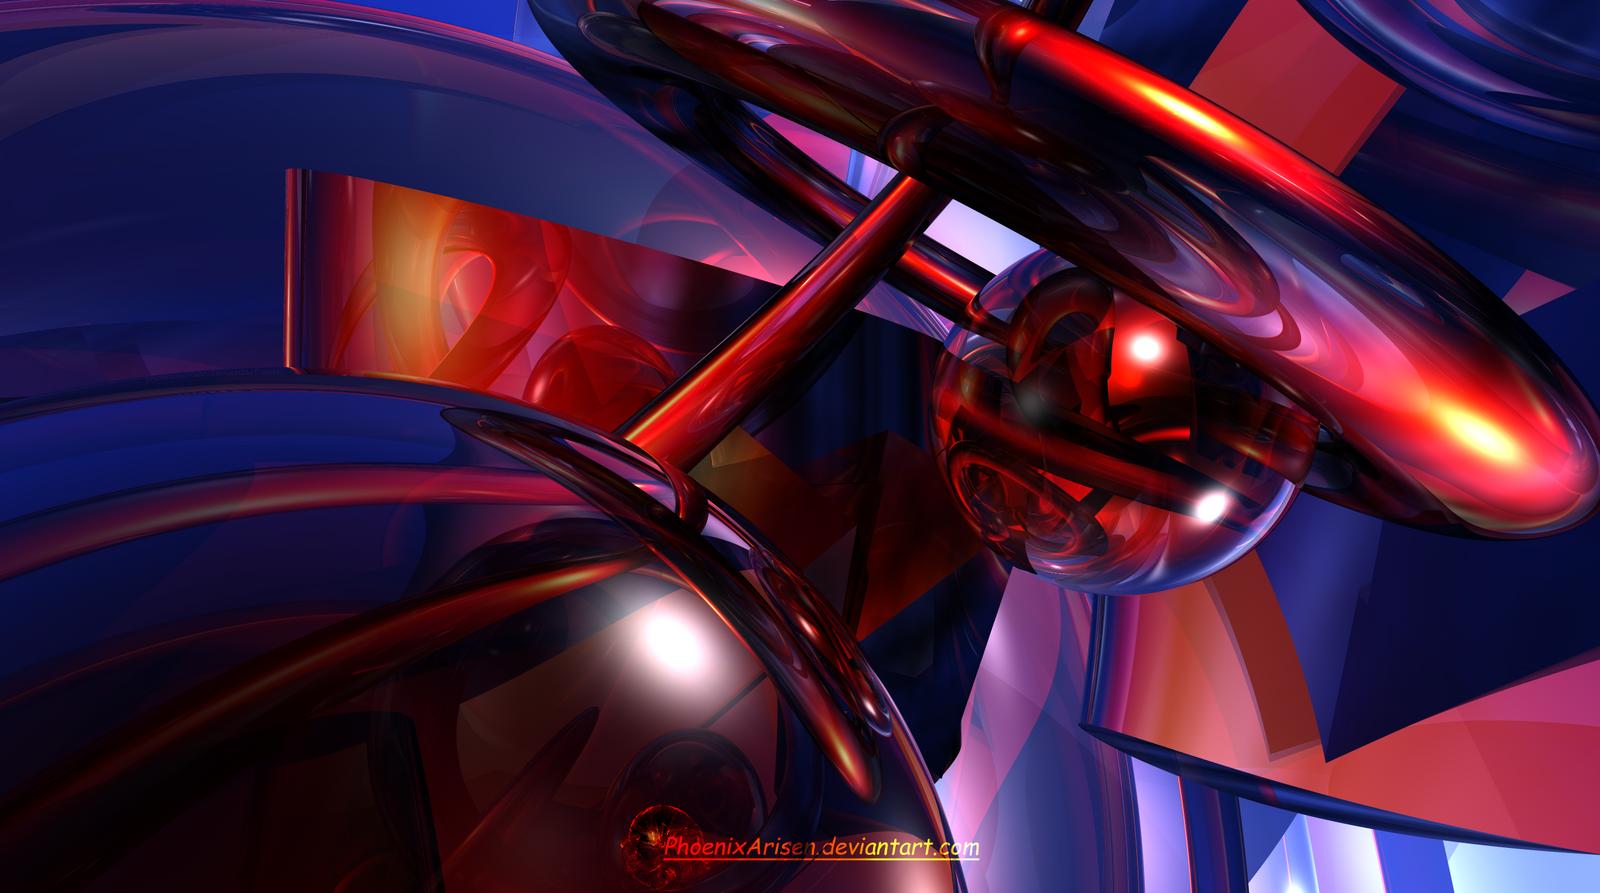 Bryce 2 by PhoenixArisen